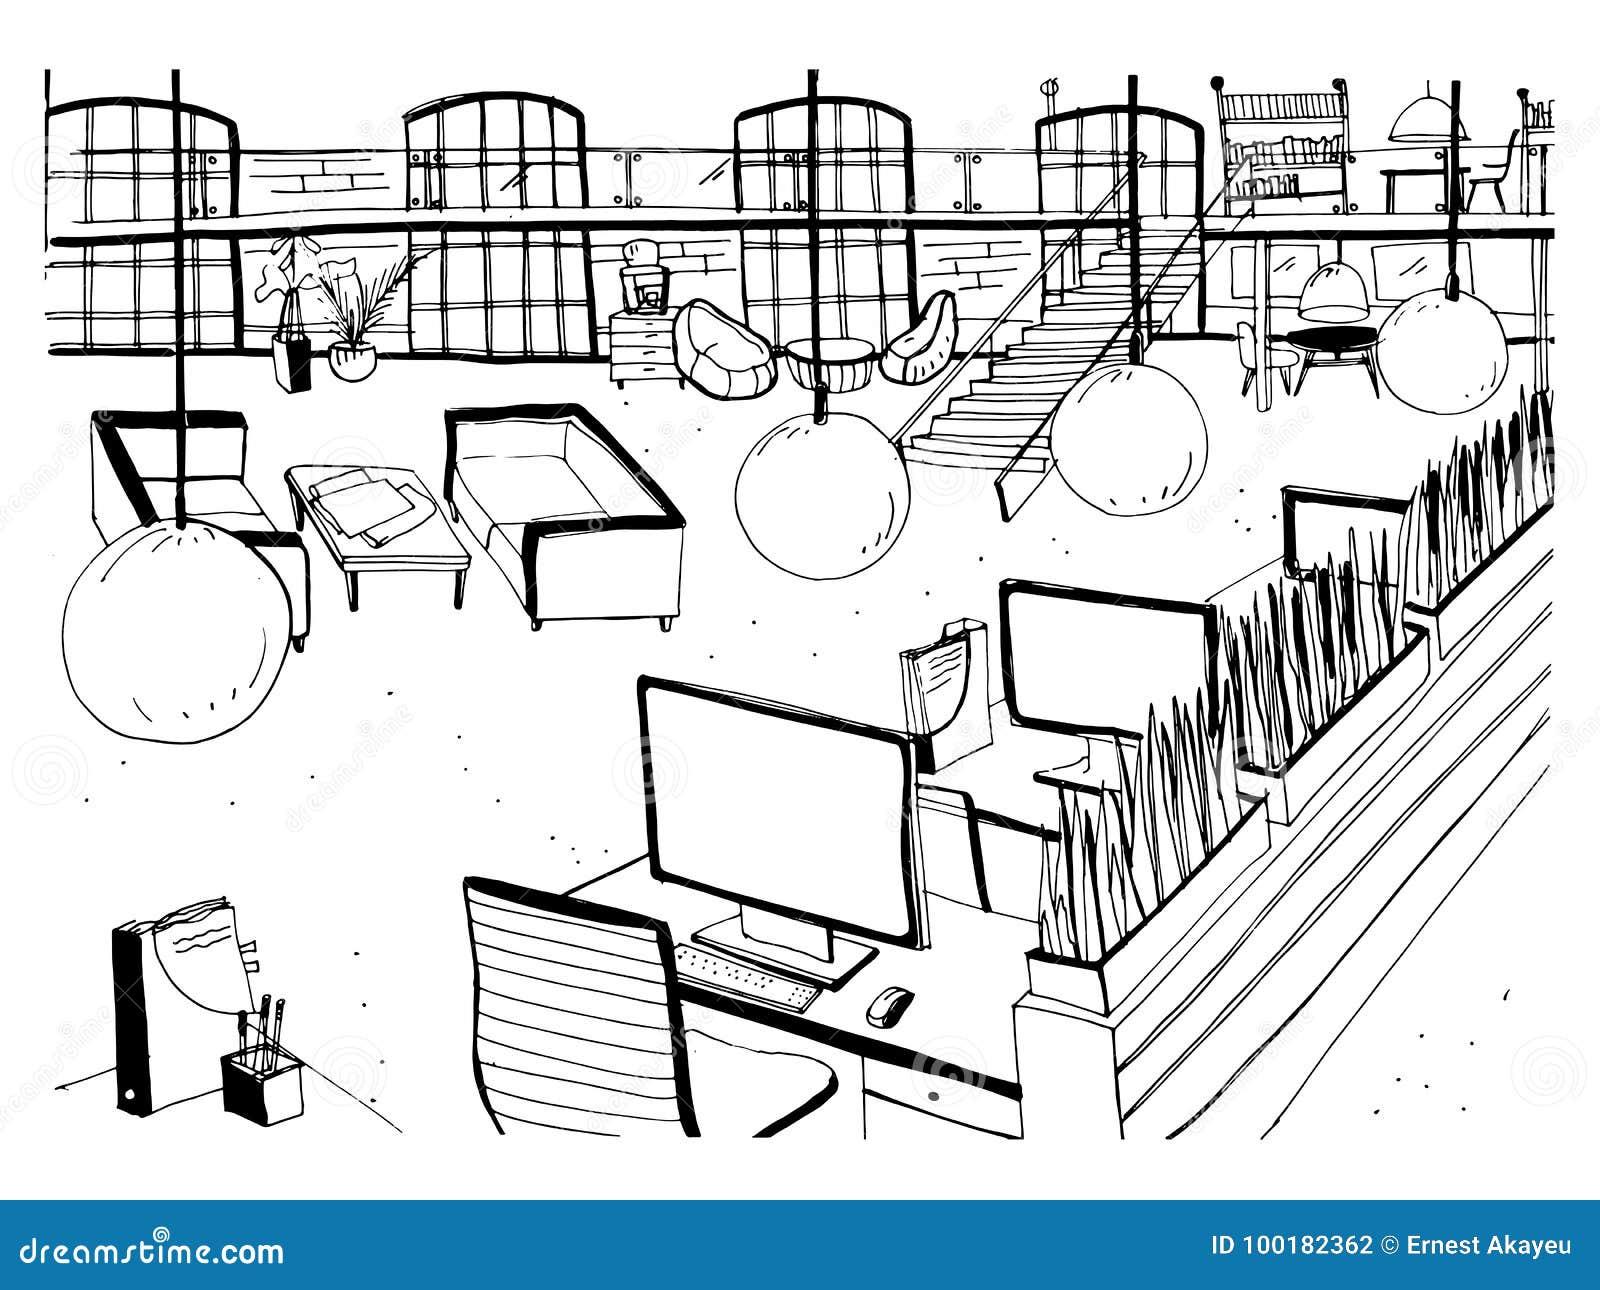 开放共同工作的空间内部单色图画与书桌、计算机、椅子和其他现代陈设品的 手